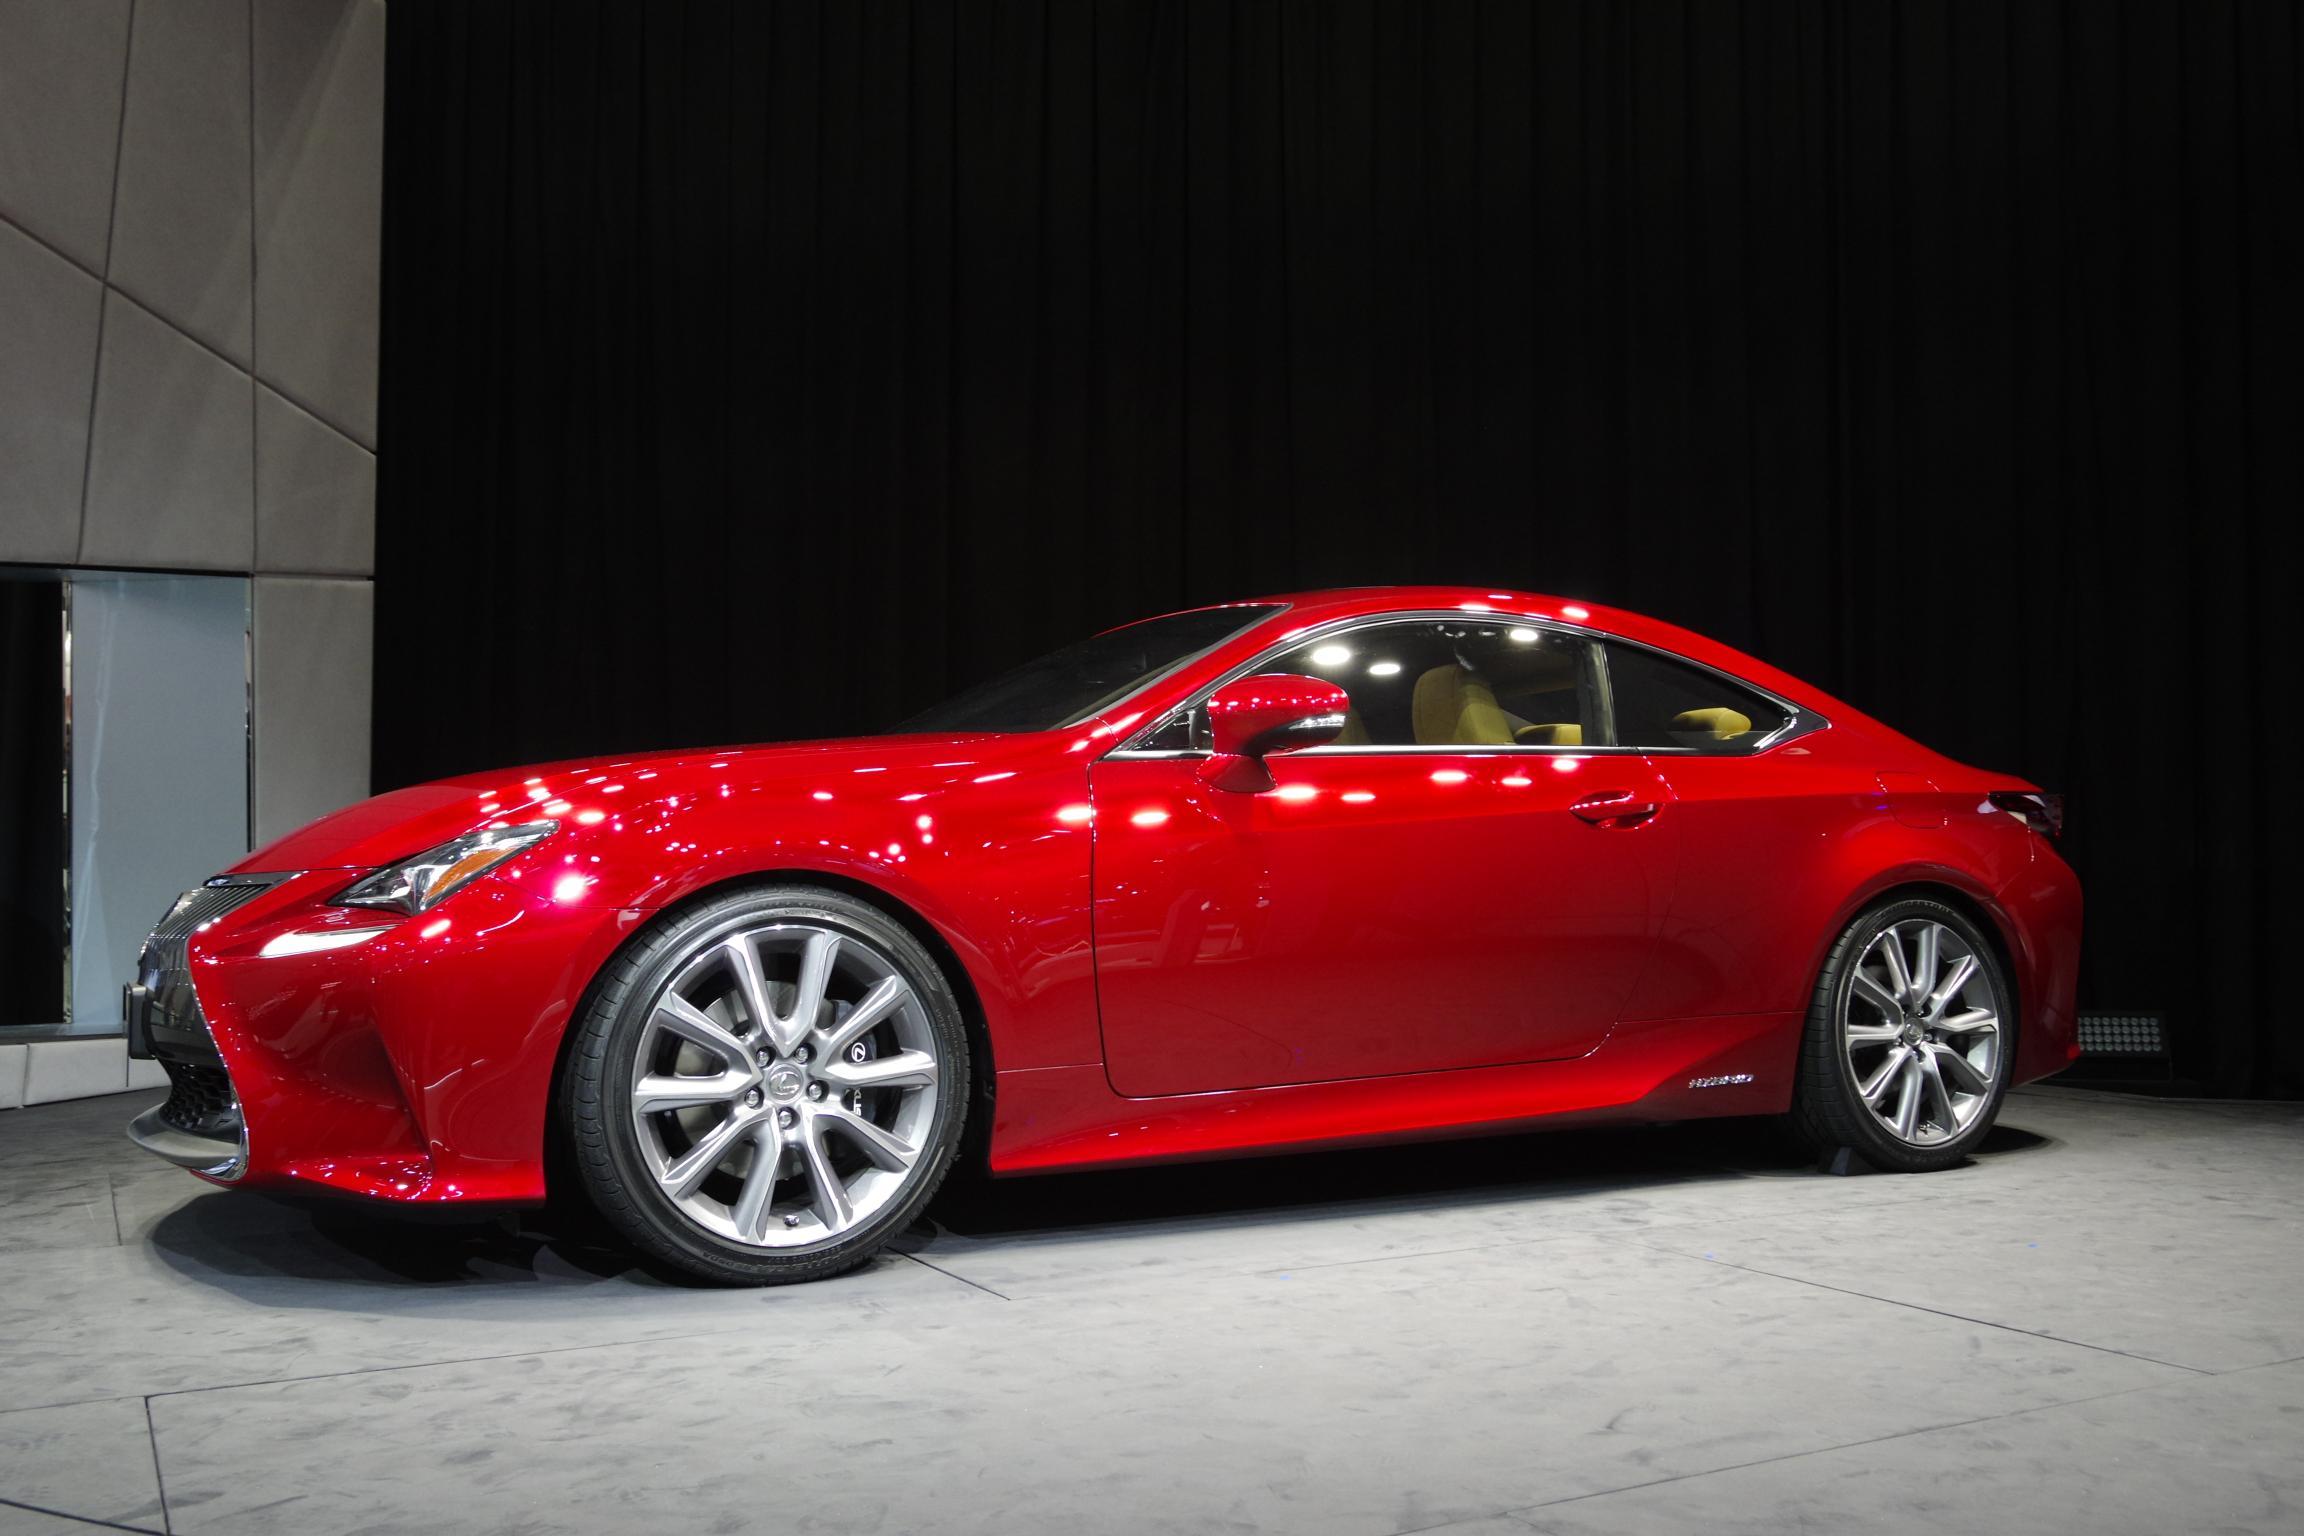 Salon de Tokyo 2013 – Lexus RC 300h